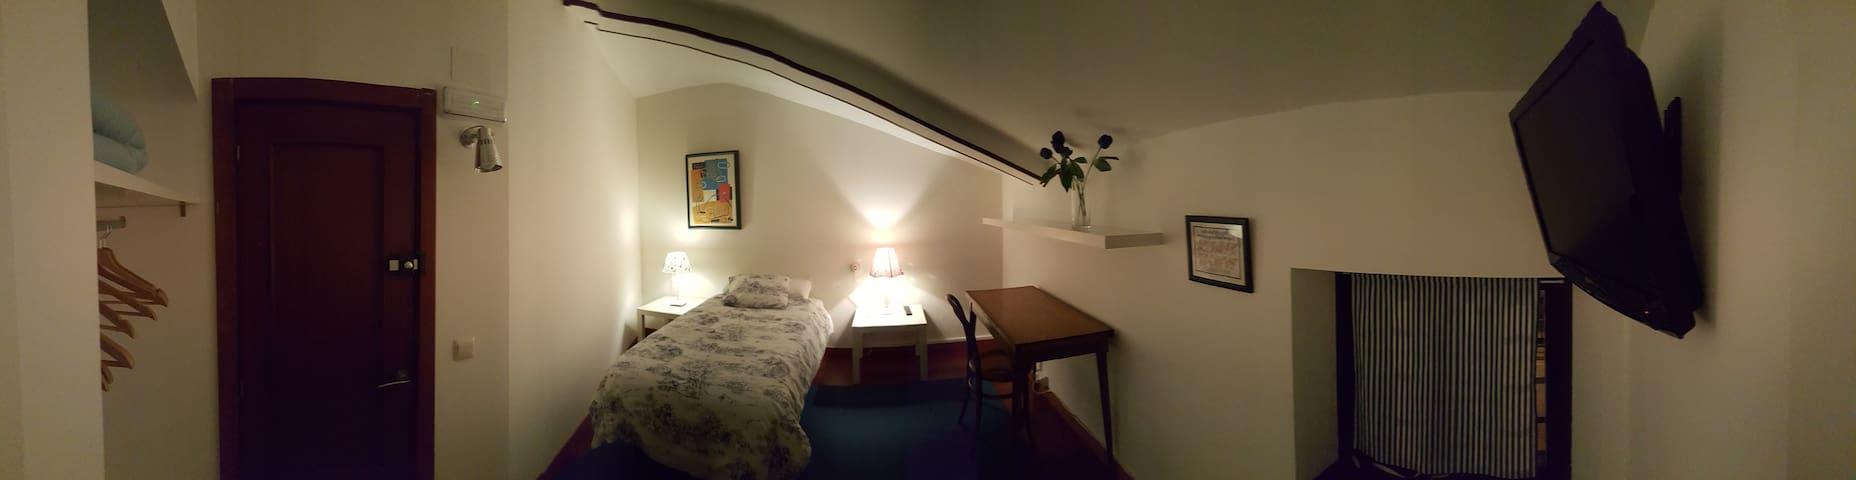 PISO- cuatro habitaciones con baño. - Zuera - Bed & Breakfast